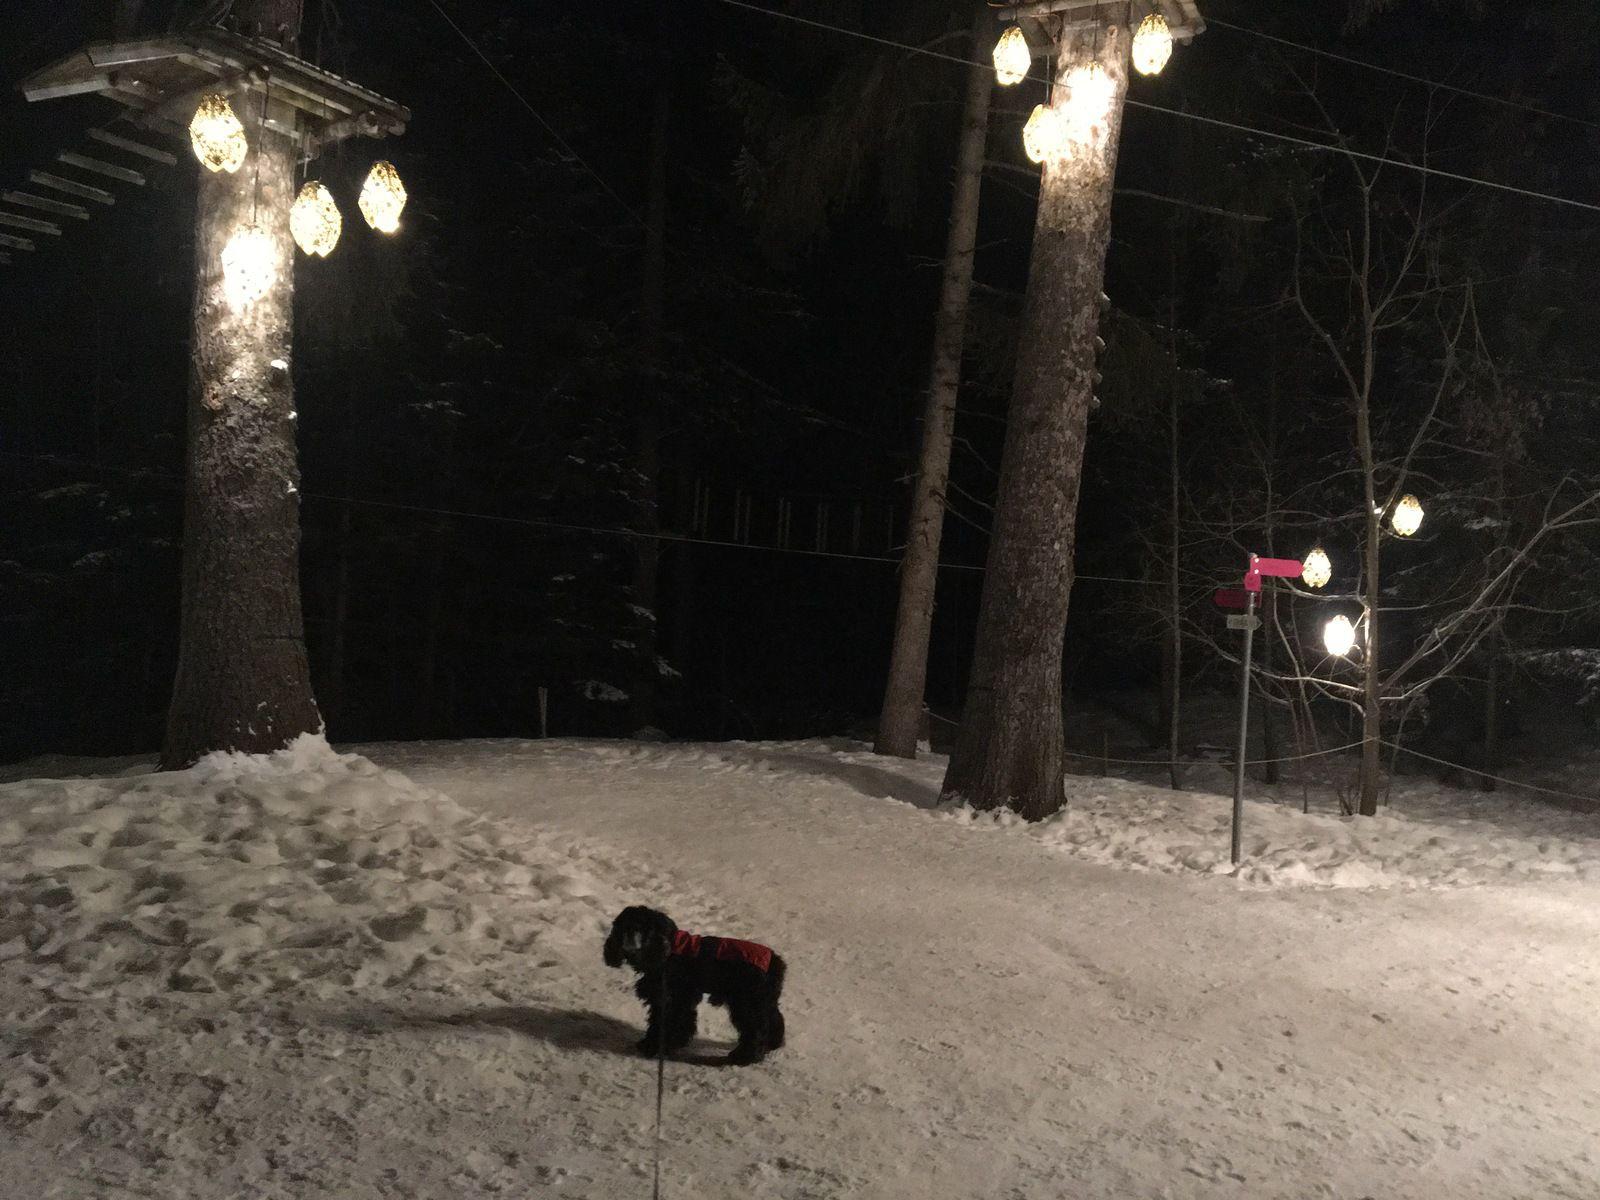 13 février 2021 : Balade hivernale sur le golf Ballesteros et sentier des lanternes à Crans-Montana, en Suisse